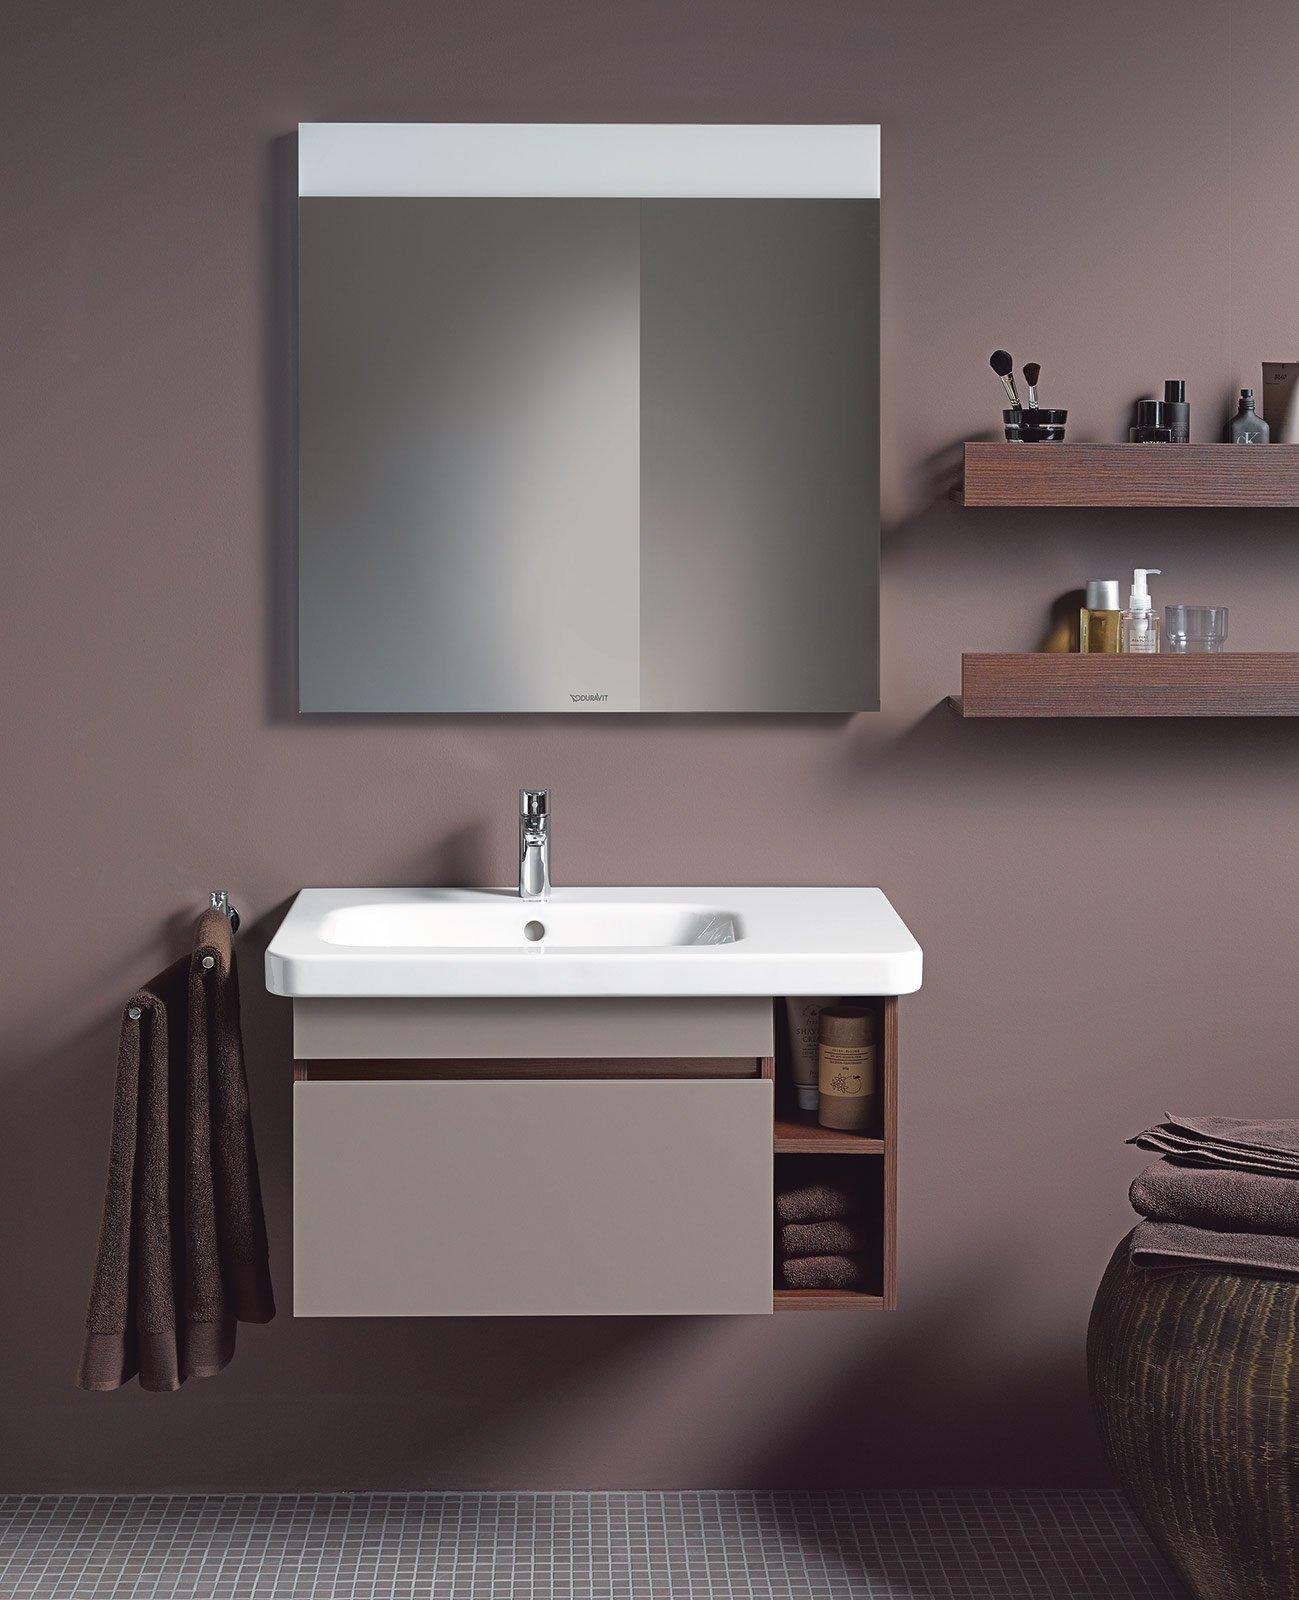 Lavabo mobile cose di casa - Mobile lavabo ikea ...